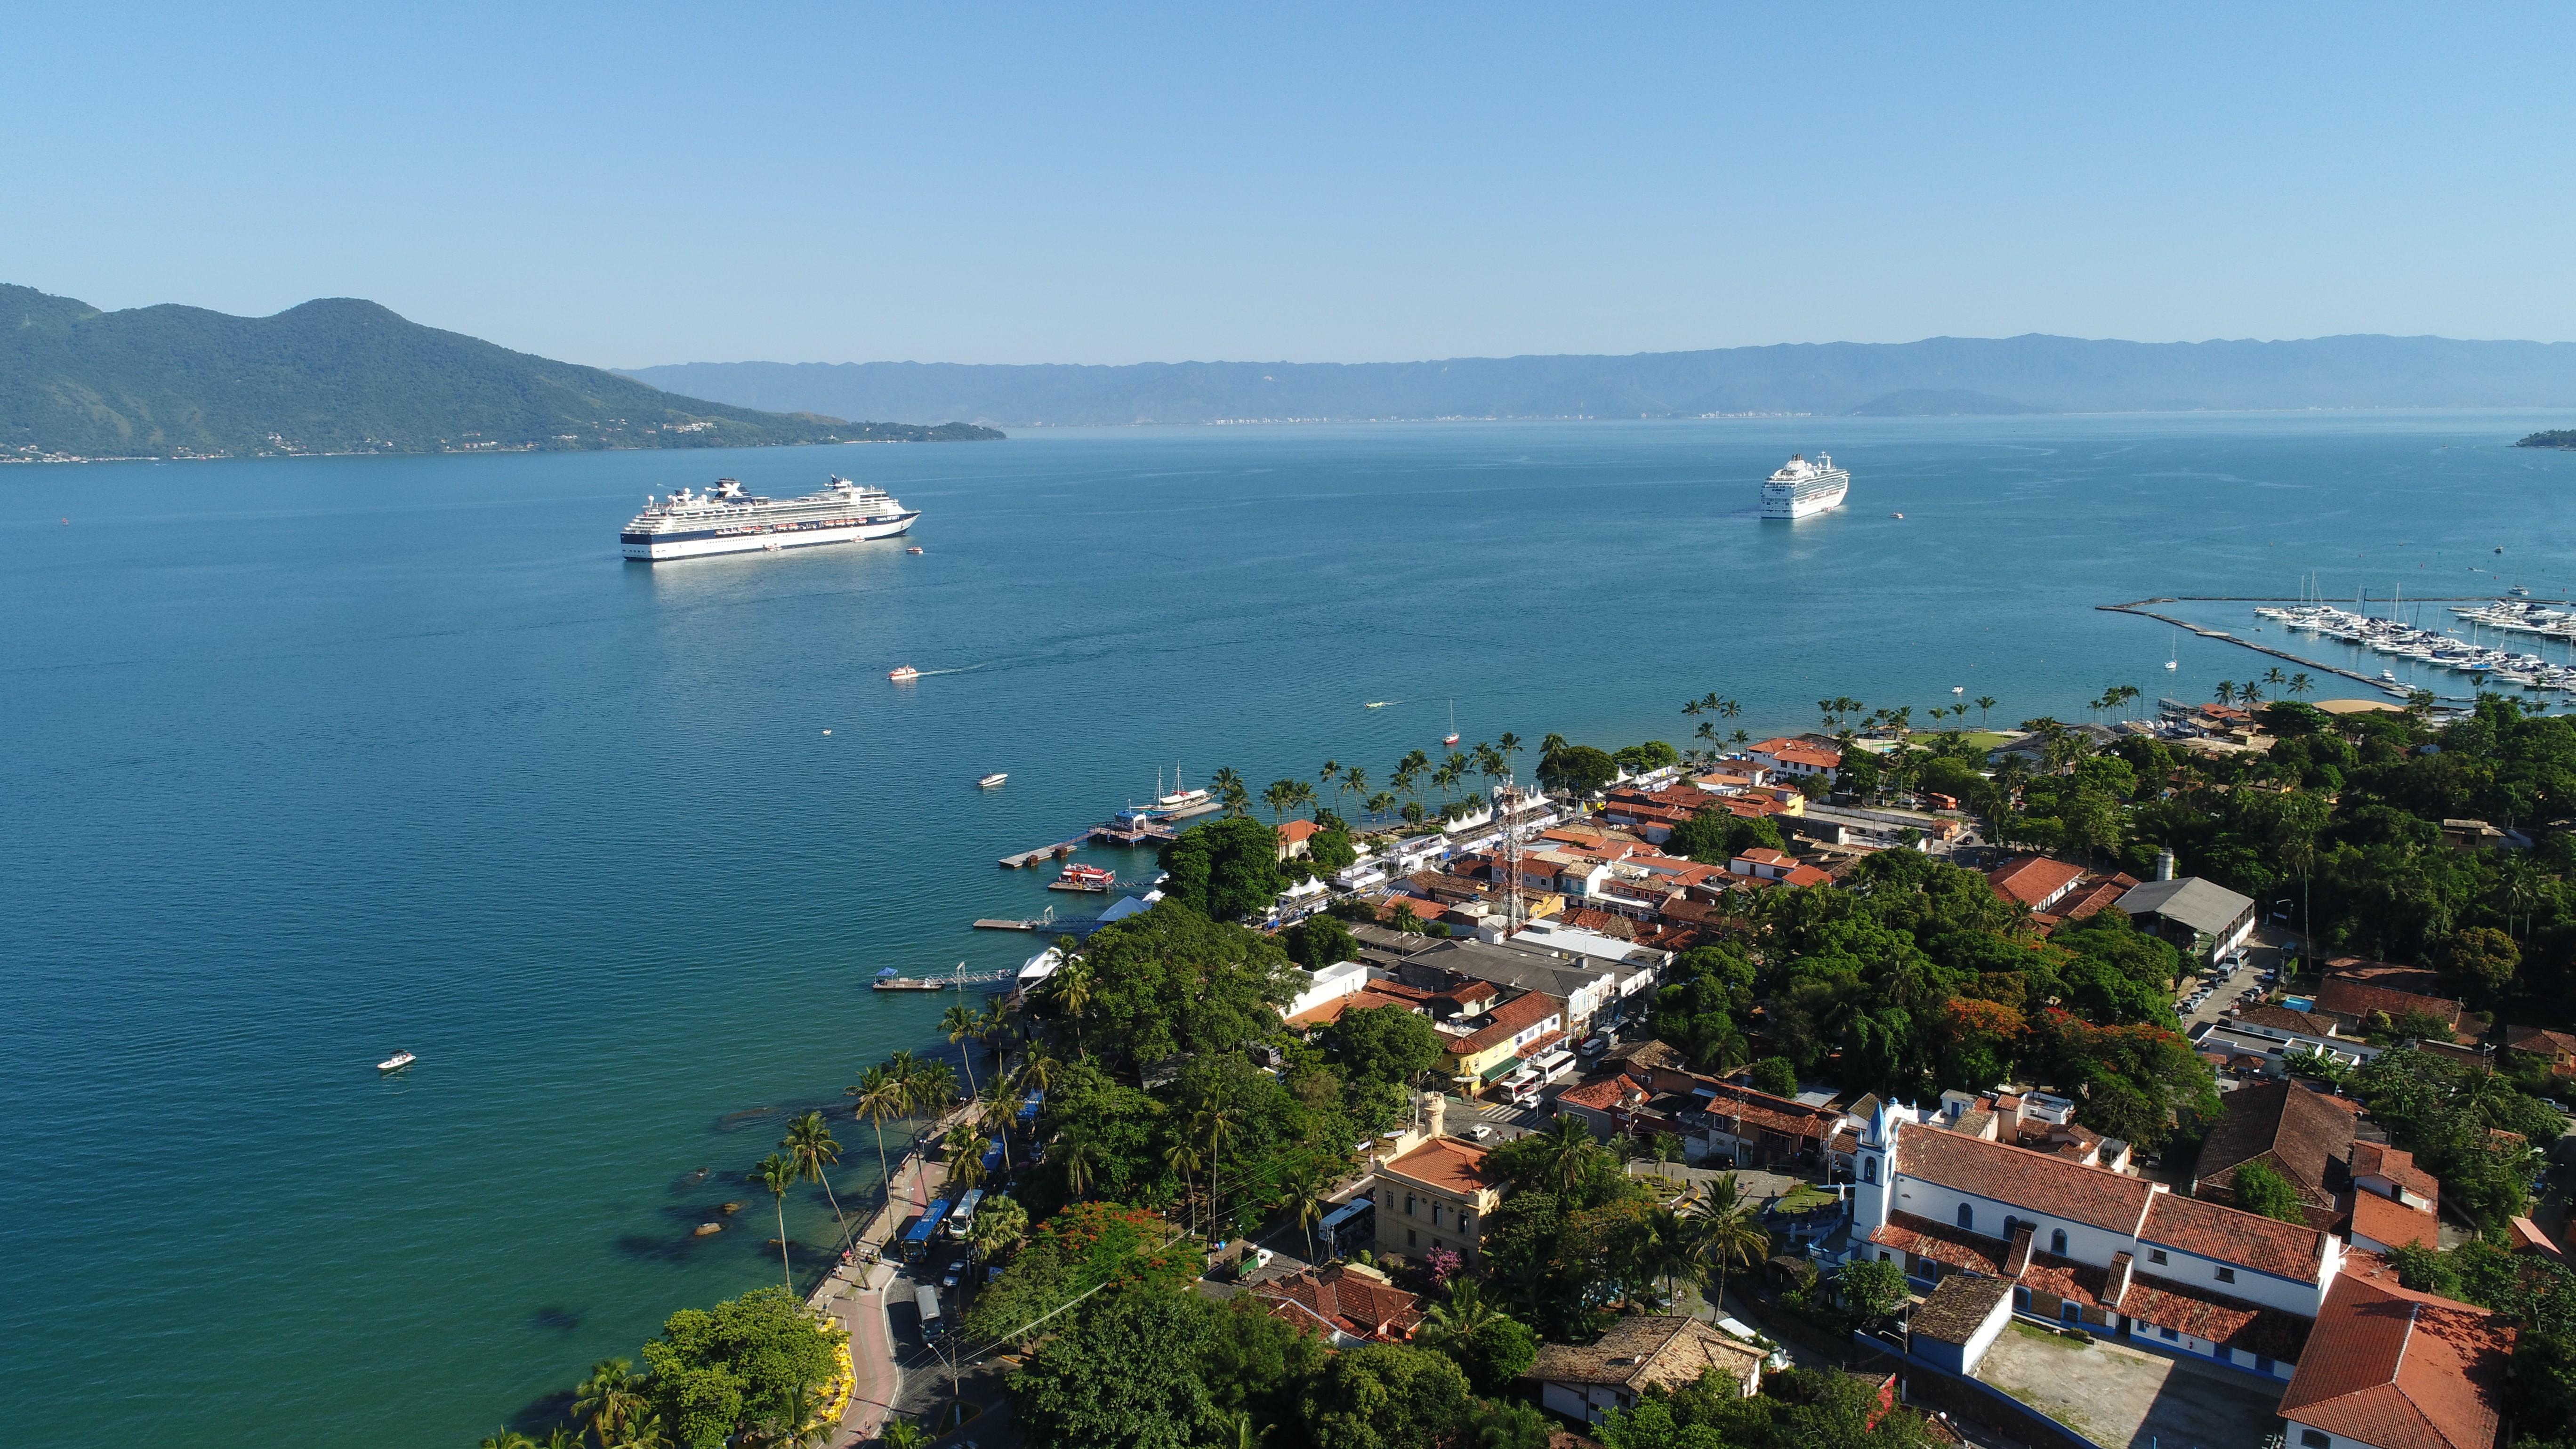 Proposta na Câmara quer aumentar em 500% 'pedágio ambiental' em Ilhabela - Noticias